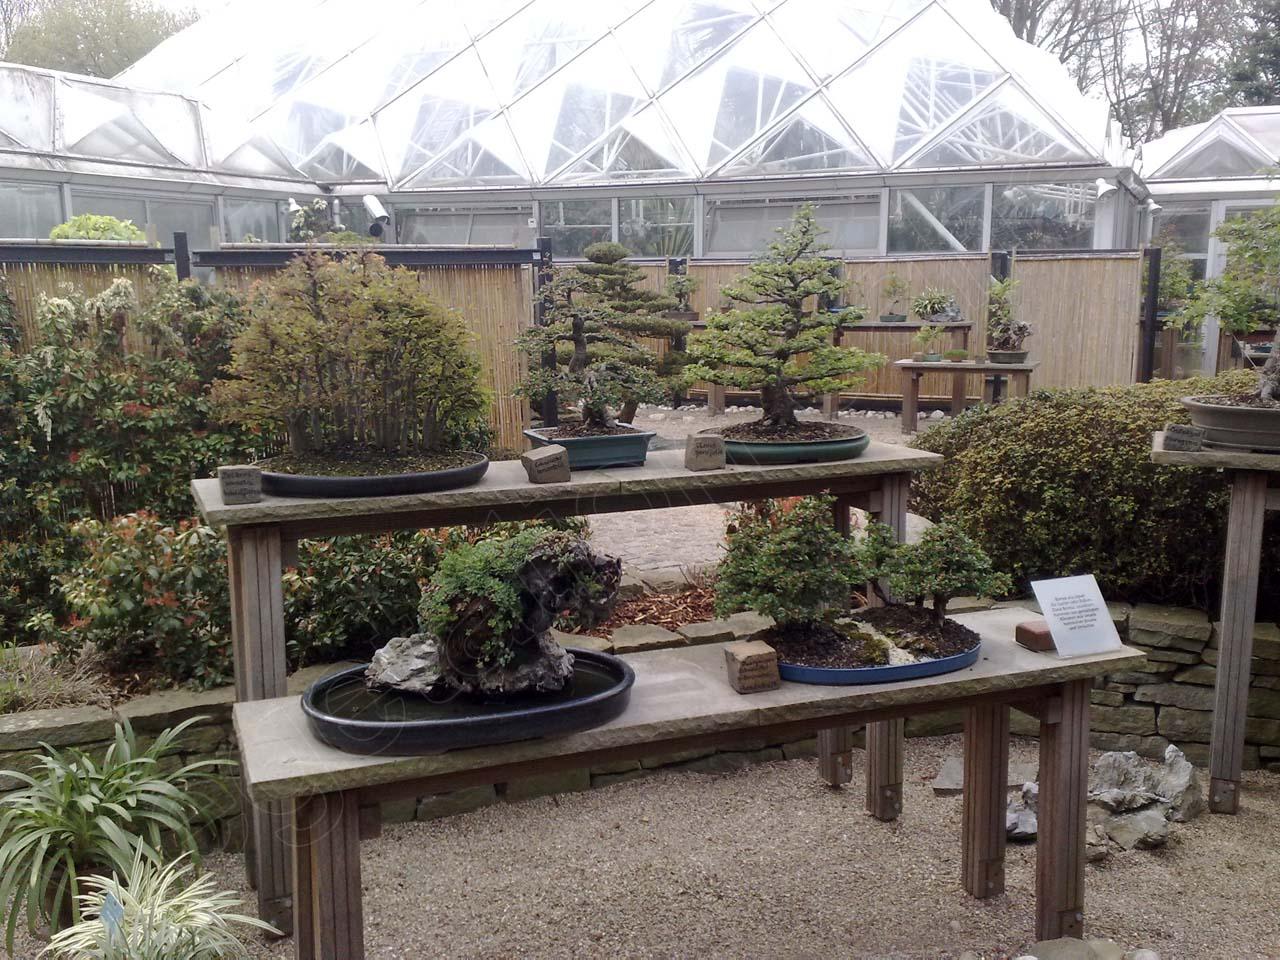 20 nrw bonsaitage in essen vegetation daheim With whirlpool garten mit bonsai essen